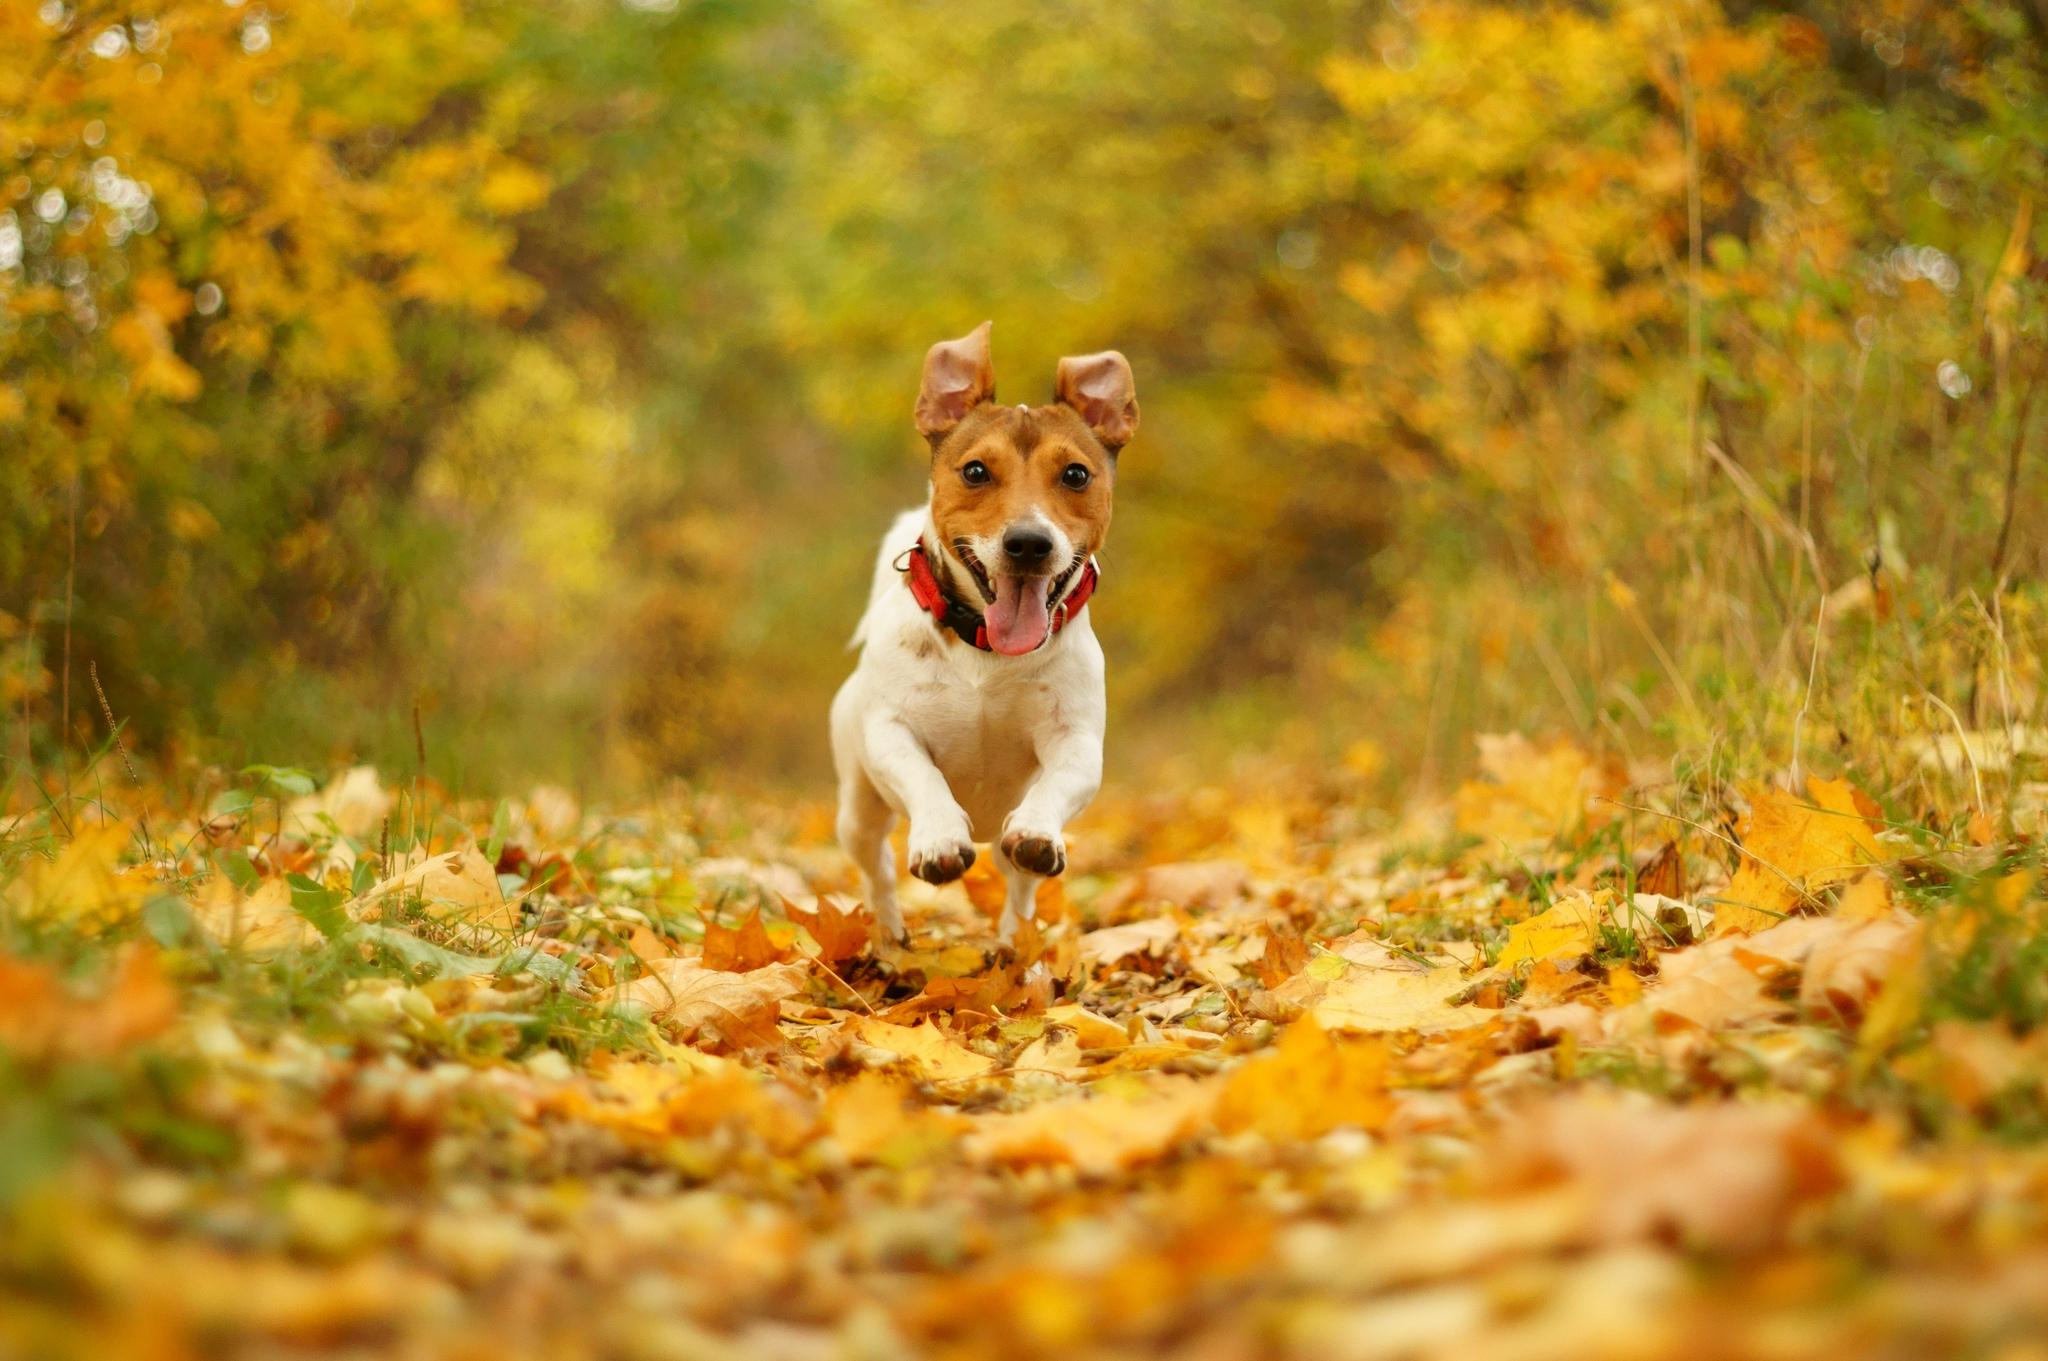 природа животные собака осень листья  № 2019491  скачать